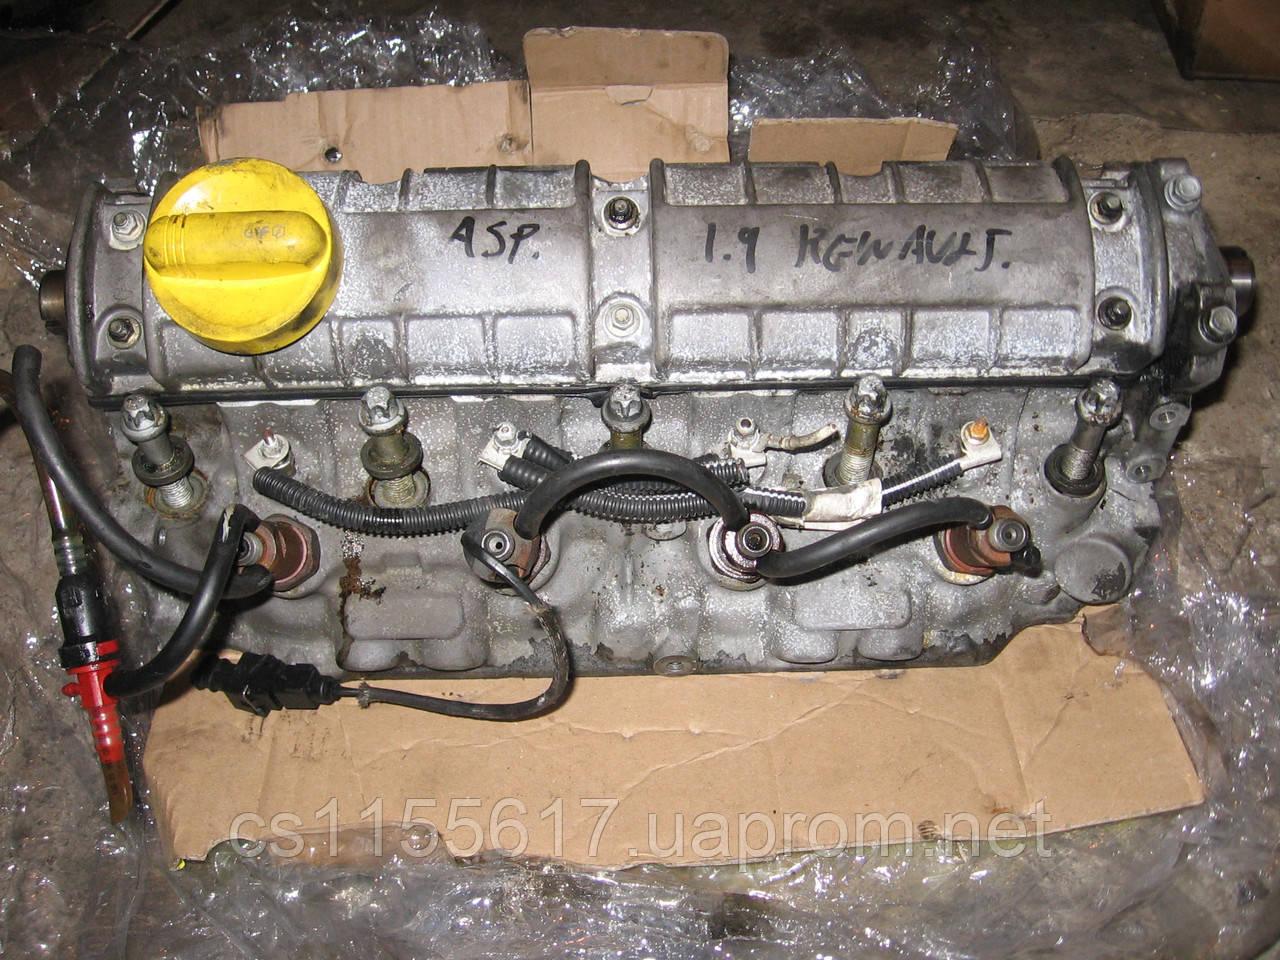 Головка блока цилиндров б/у 1.9D на Renault: Megane, Kangoo, Clio 2 год 1998-2016